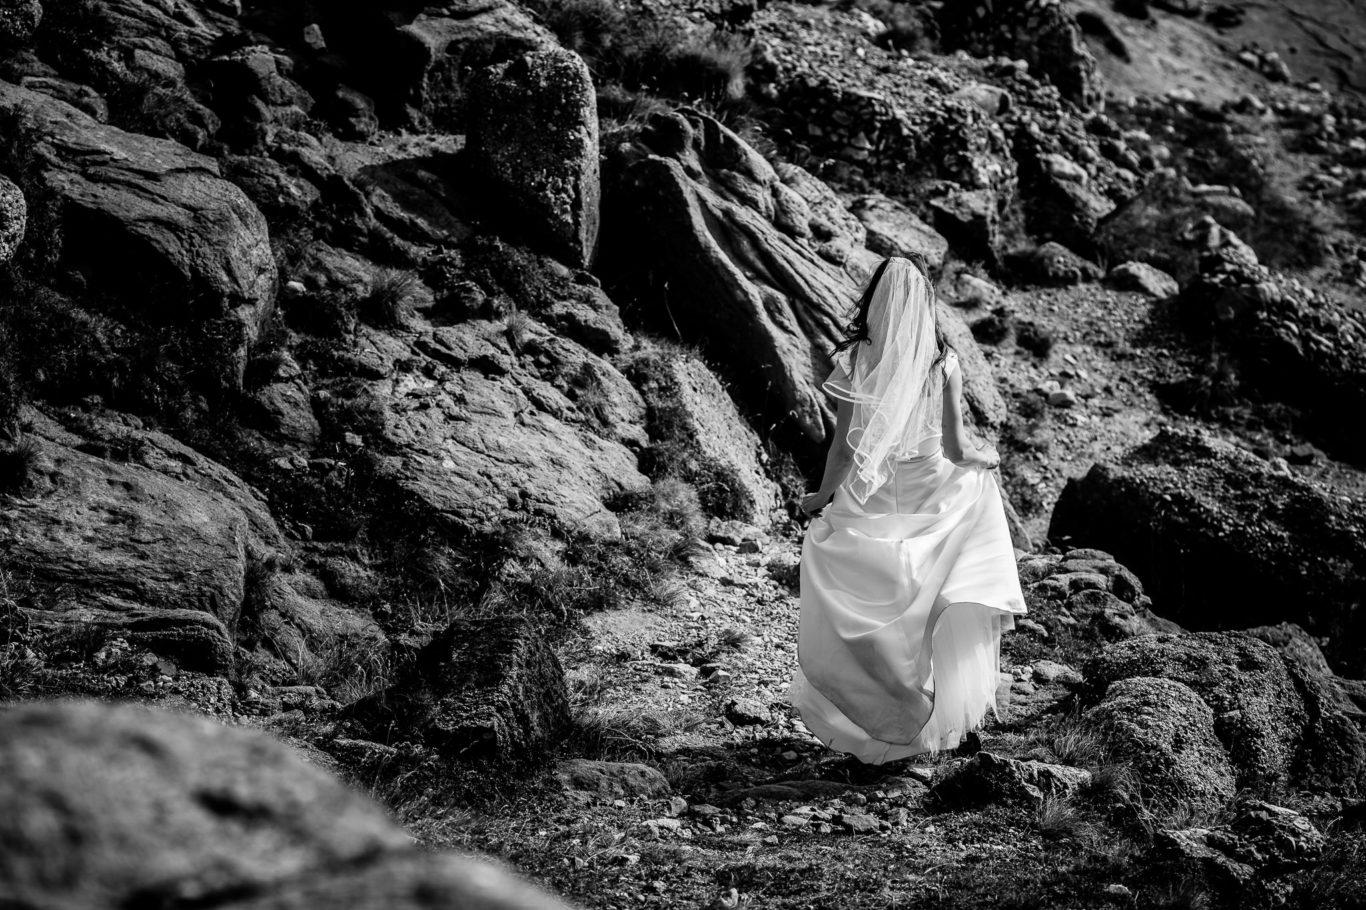 0158-trash-the-dress-bucegi-dana-radu-fotograf-ciprian-dumitrescu-cd2_9022